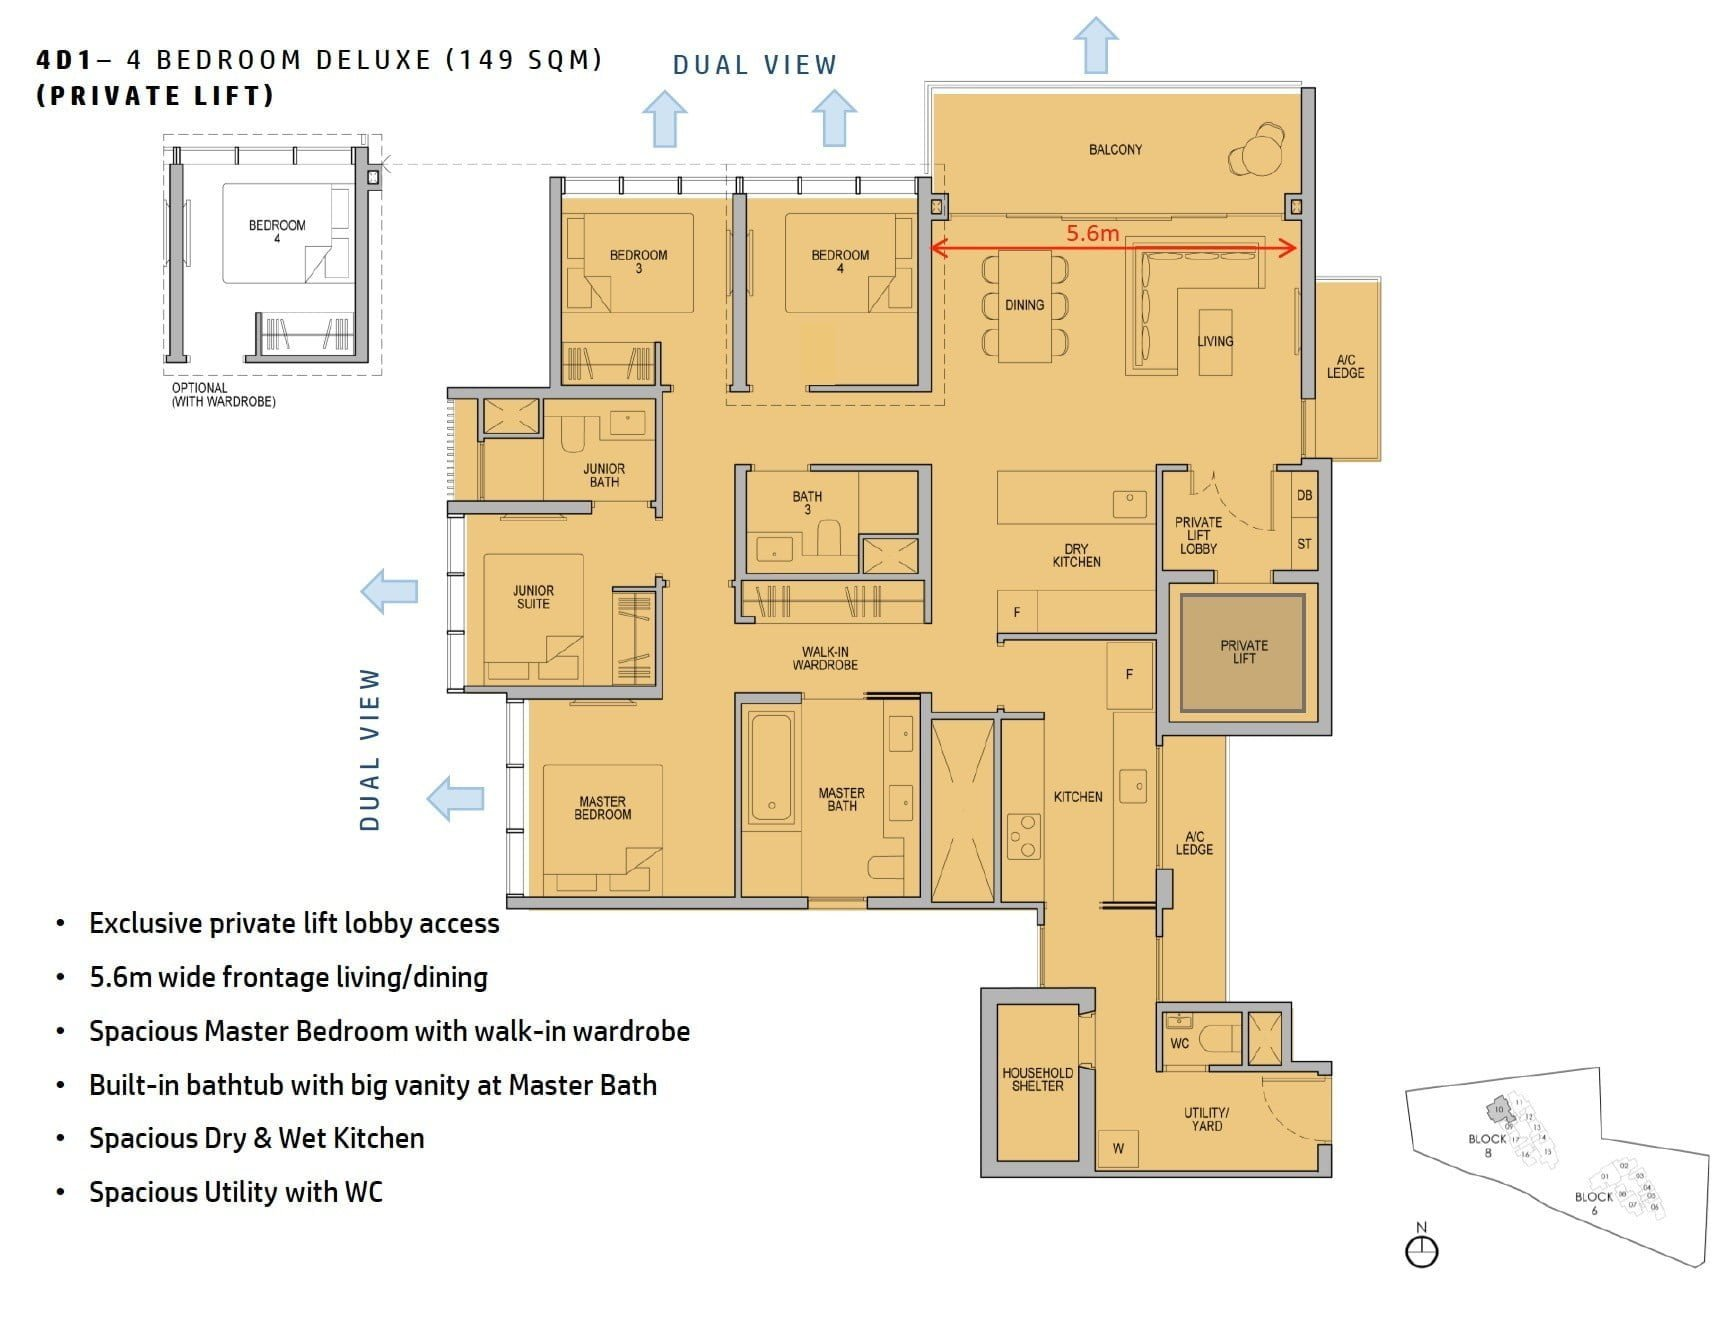 kopar-newton-floor plan 4BR Deluxe